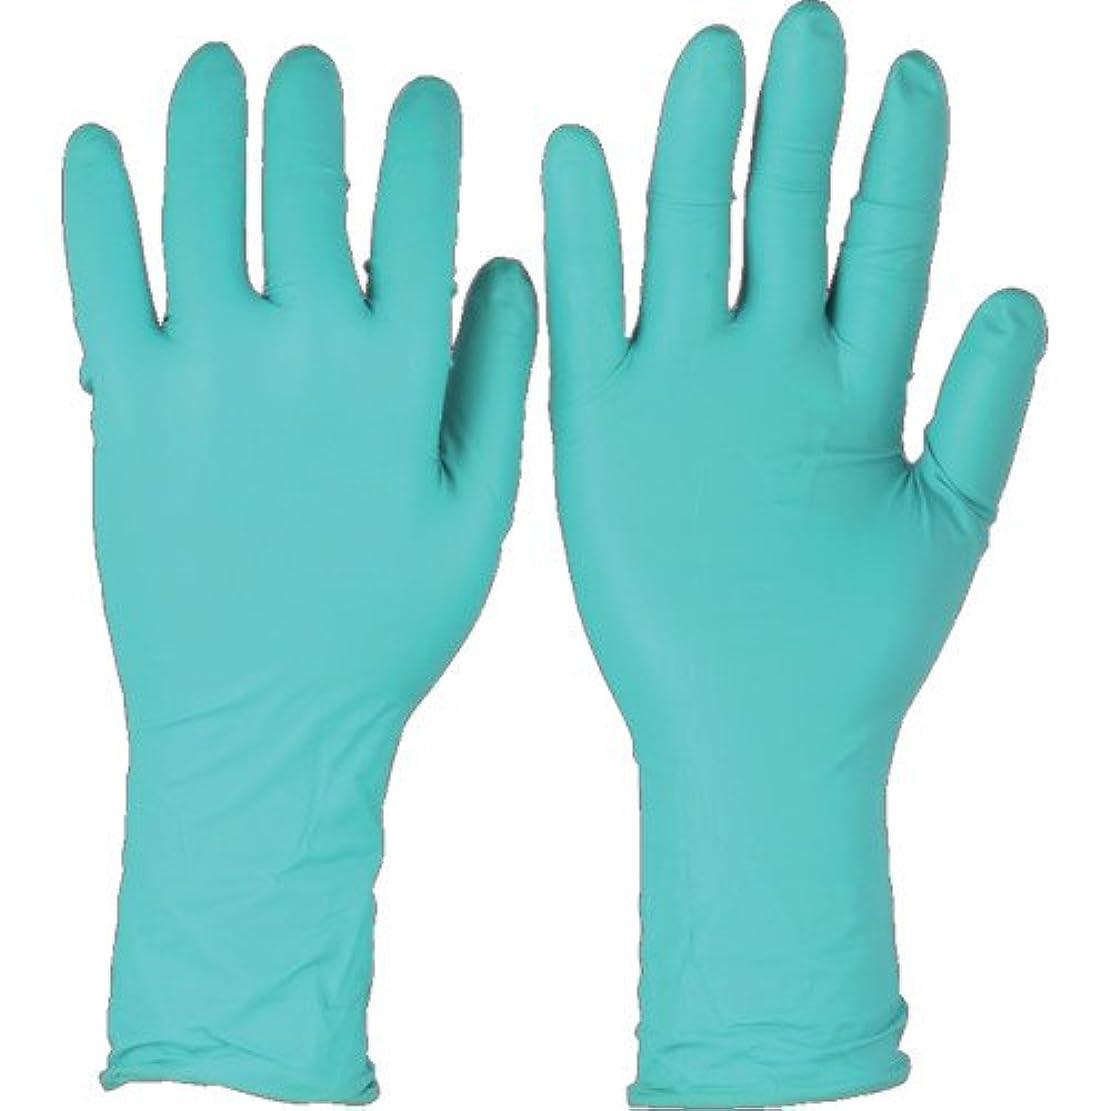 細部薬理学調和トラスコ中山 アンセル ネオプレンゴム使い捨て手袋 マイクロフレックス 93-260 Lサイズ (50枚入)  932609